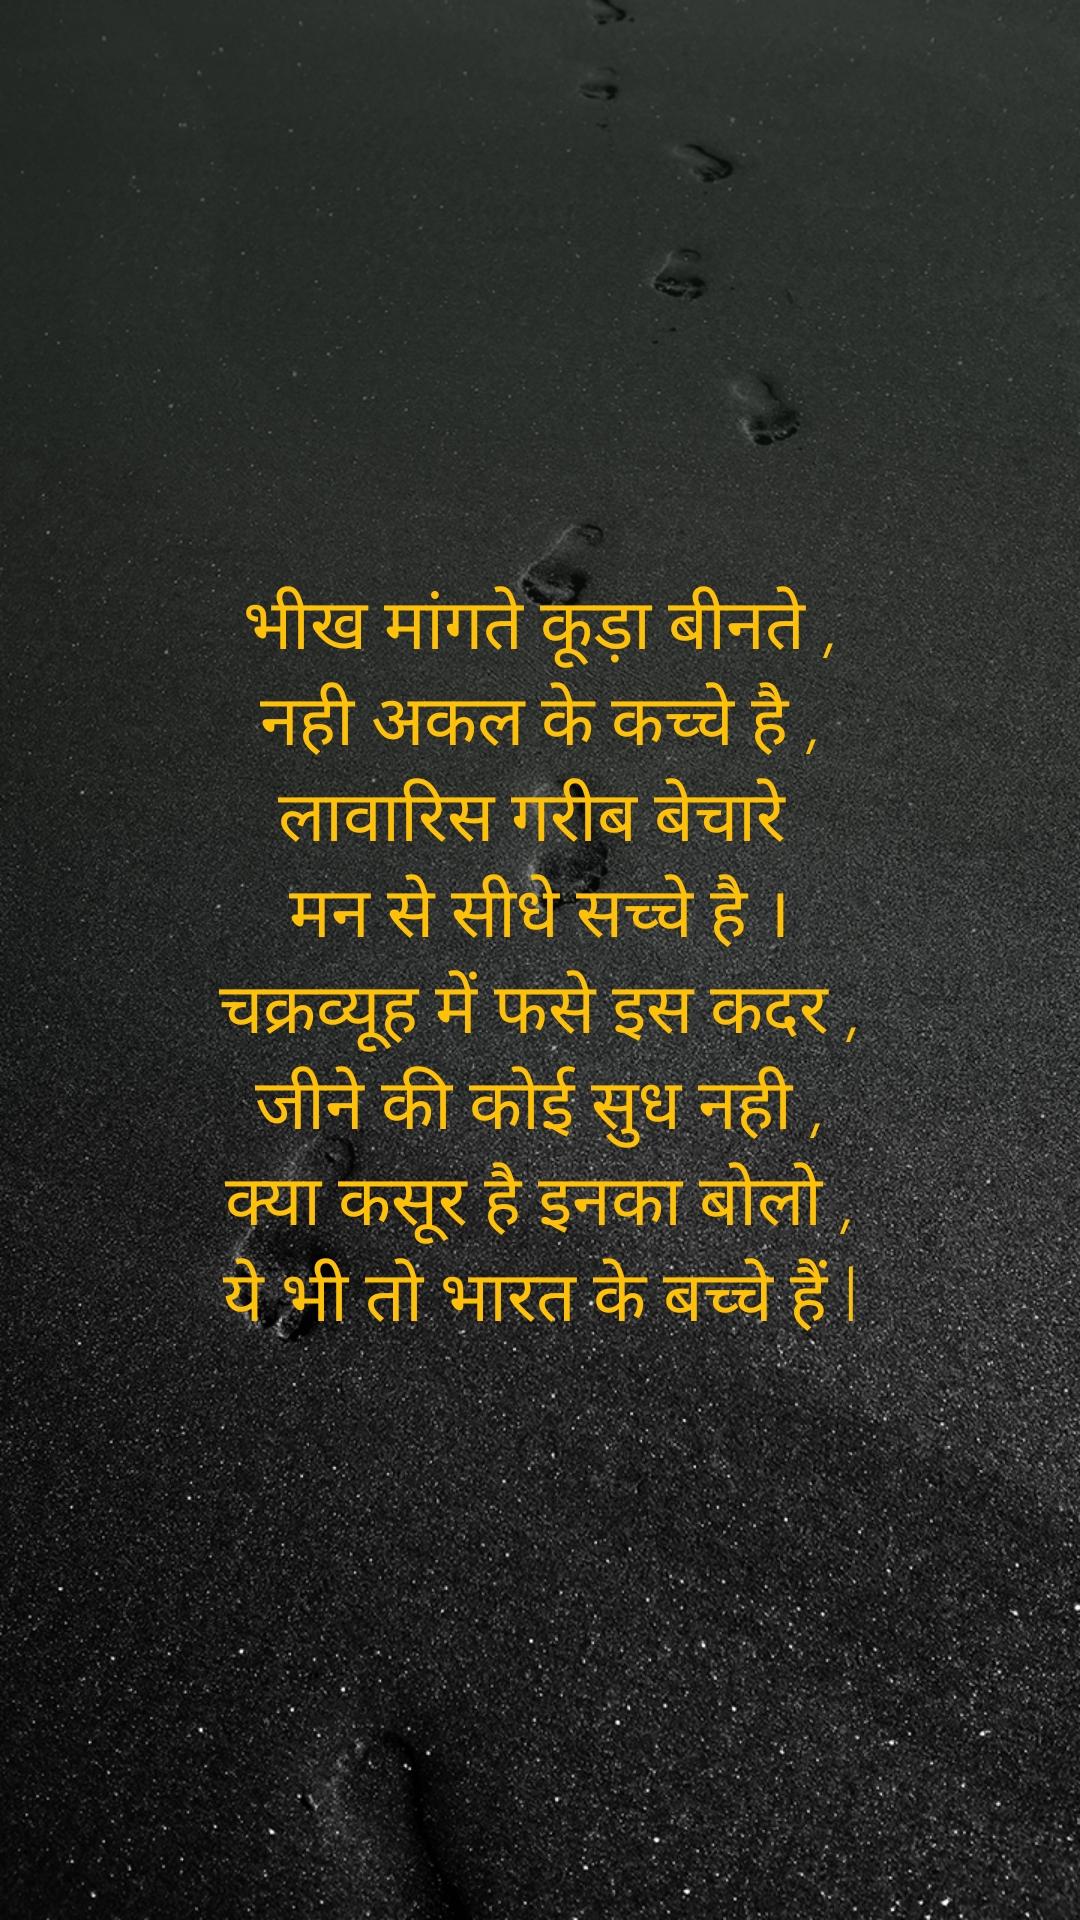 भीख मांगते कूड़ा बीनते , नही अकल के कच्चे है , लावारिस गरीब बेचारे  मन से सीधे सच्चे है । चक्रव्यूह में फसे इस कदर , जीने की कोई सुध नही , क्या कसूर है इनका बोलो , ये भी तो भारत के बच्चे हैं l